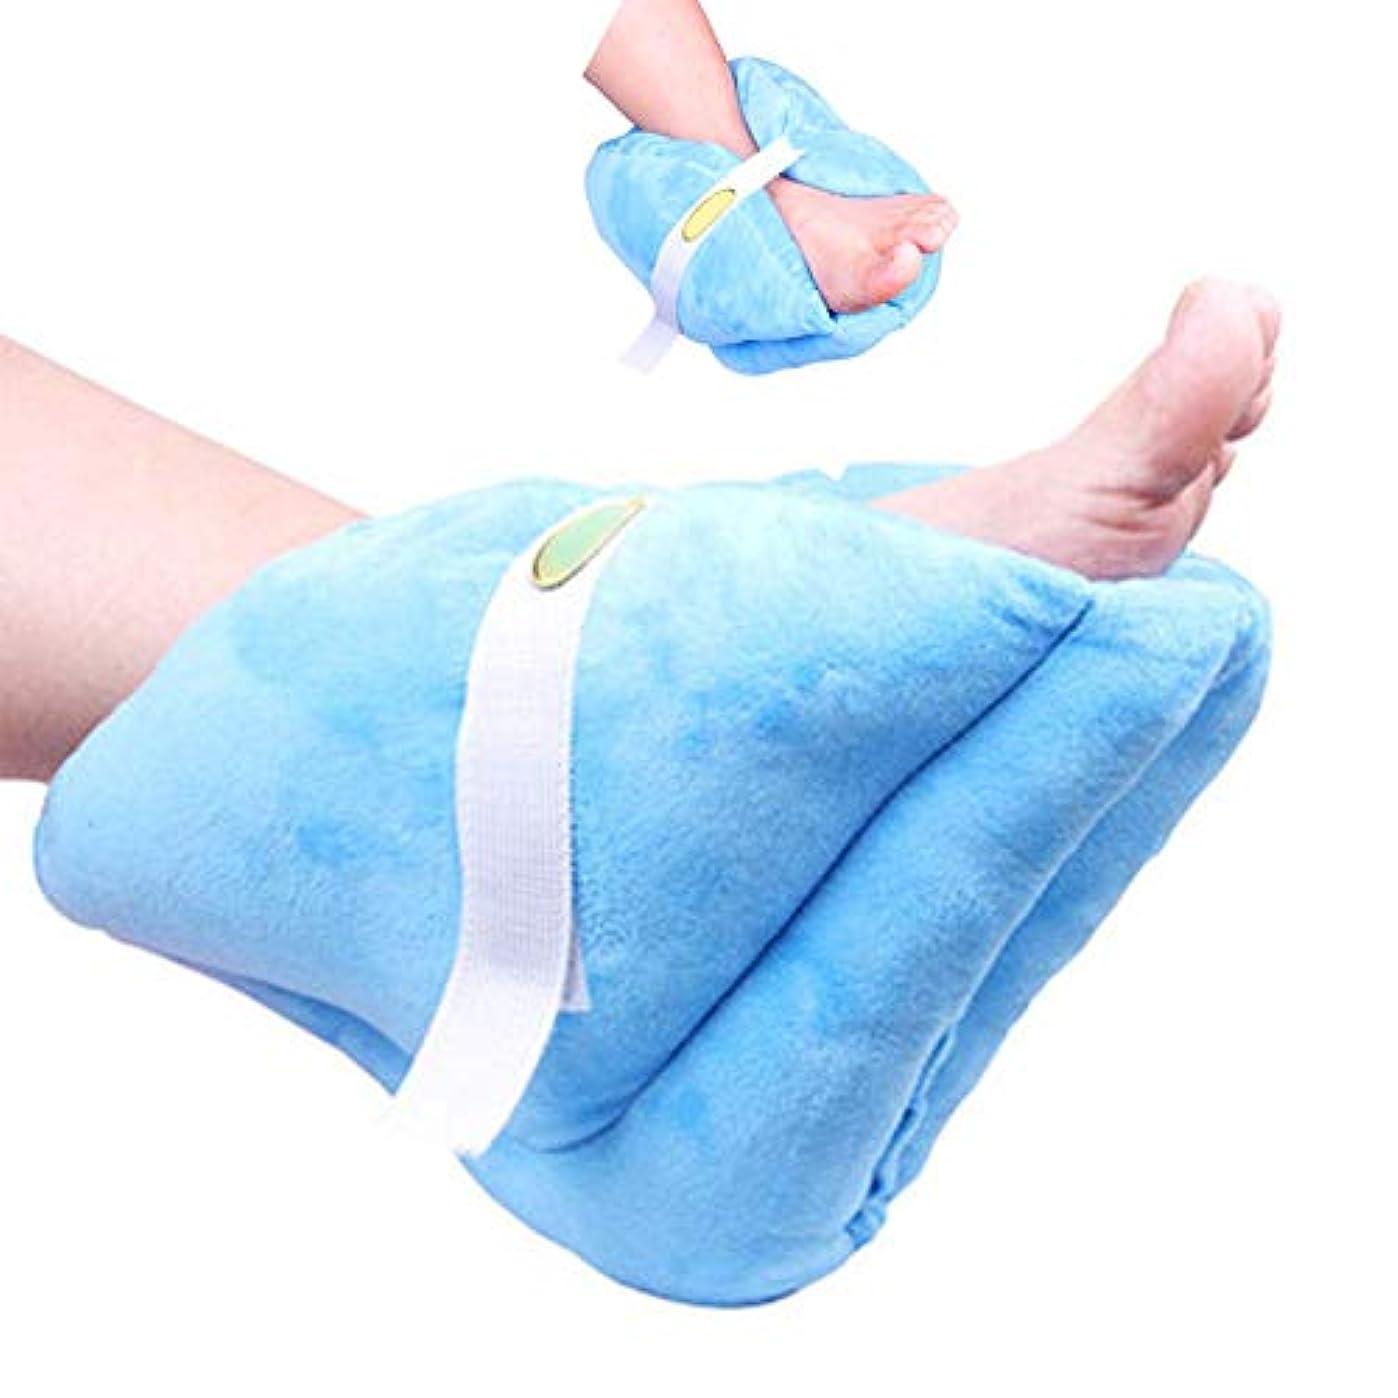 キャロラインボルト難破船ヒールクッションプロテクター、足と足首の枕 、足の圧力を緩和し、褥瘡を保護します